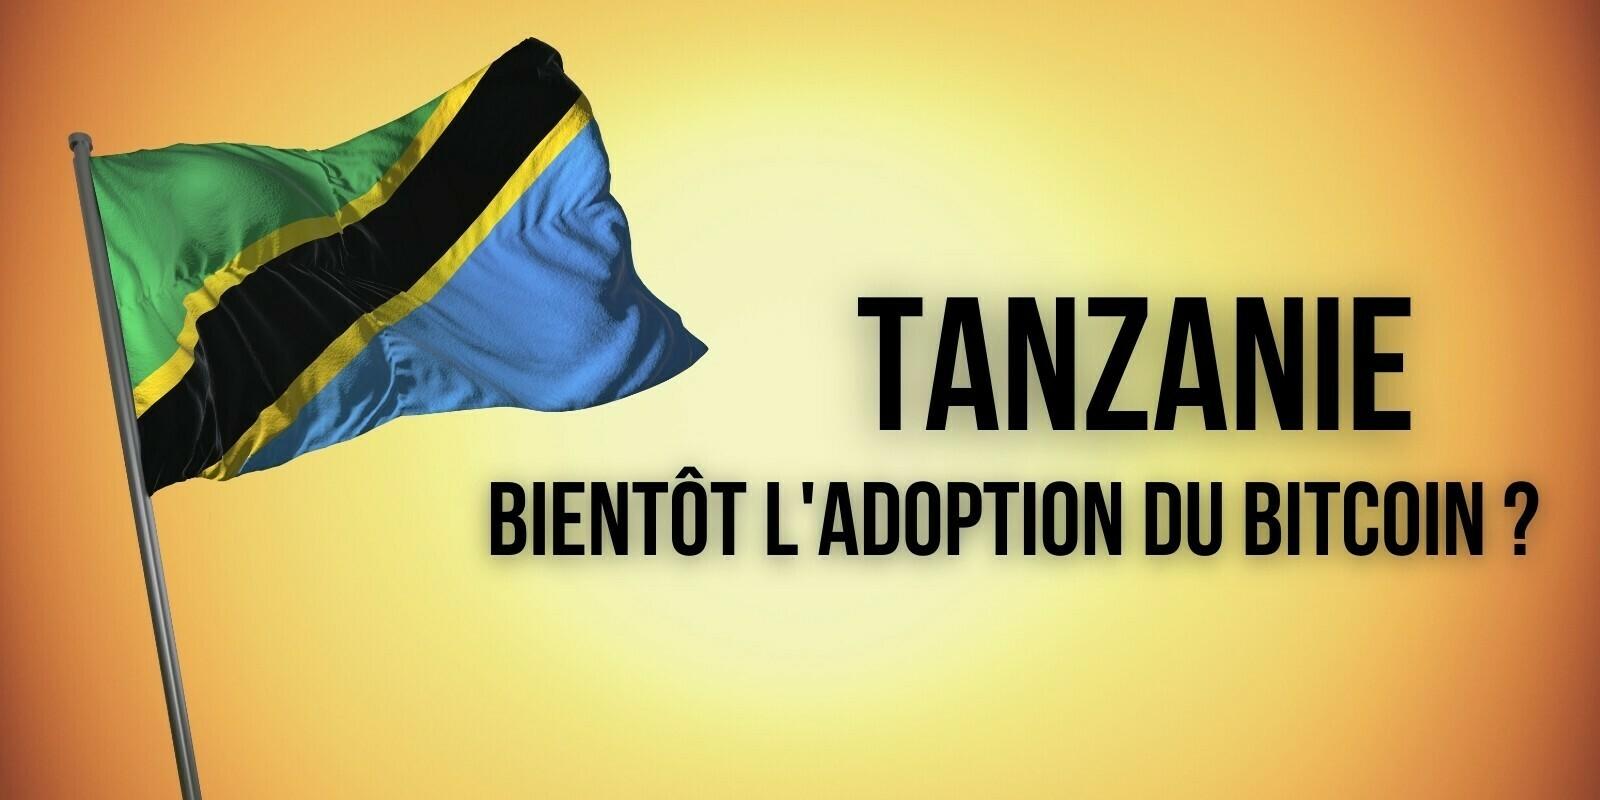 Tanzanie : la présidente incite à se préparer à l'adoption du Bitcoin et des cryptomonnaies